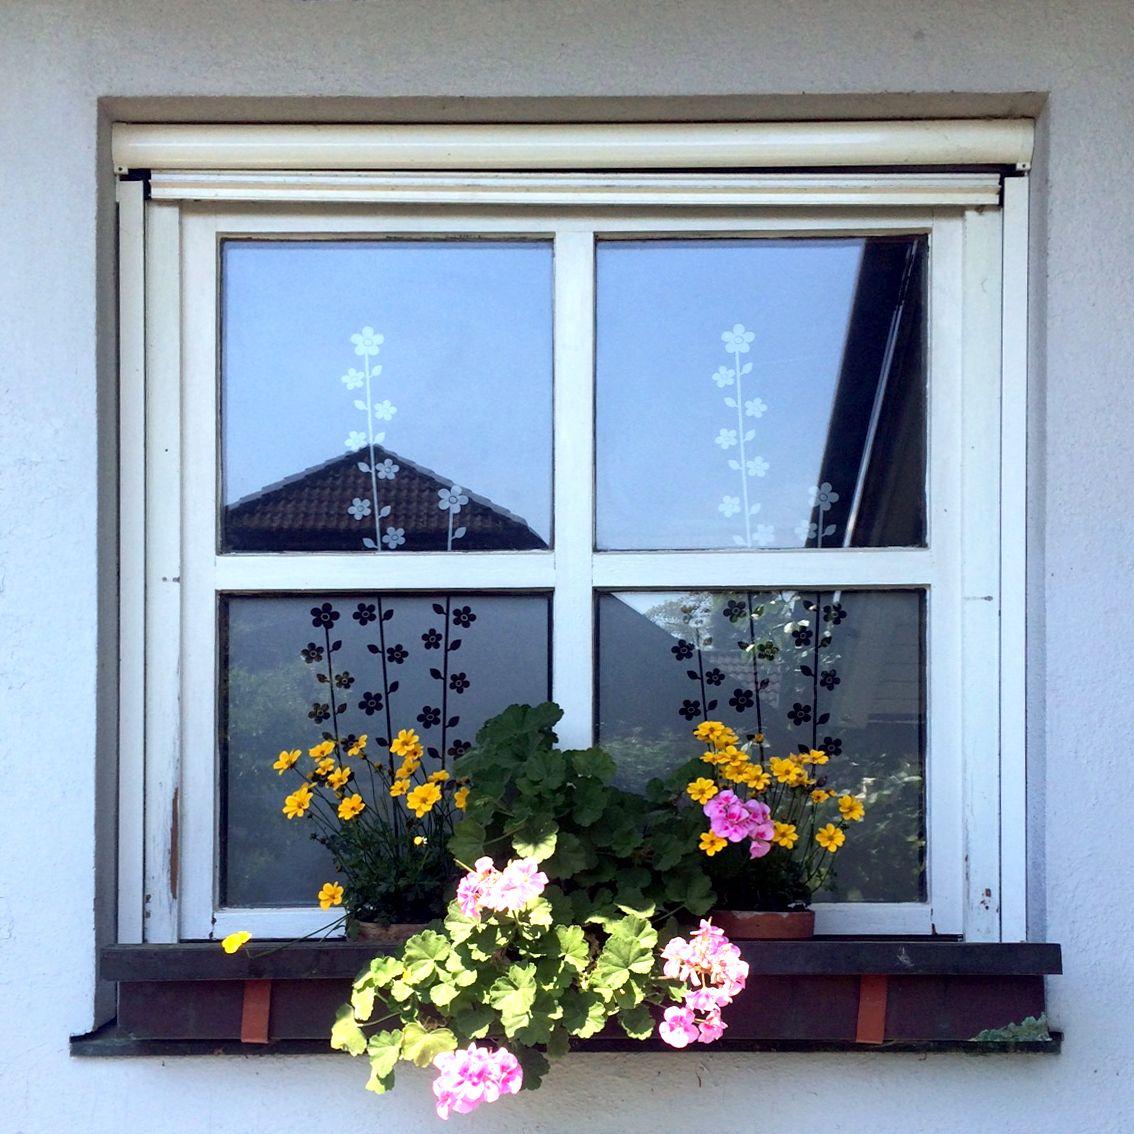 Sichtschutz und Dekoration für ein Küchenfenster mit einer